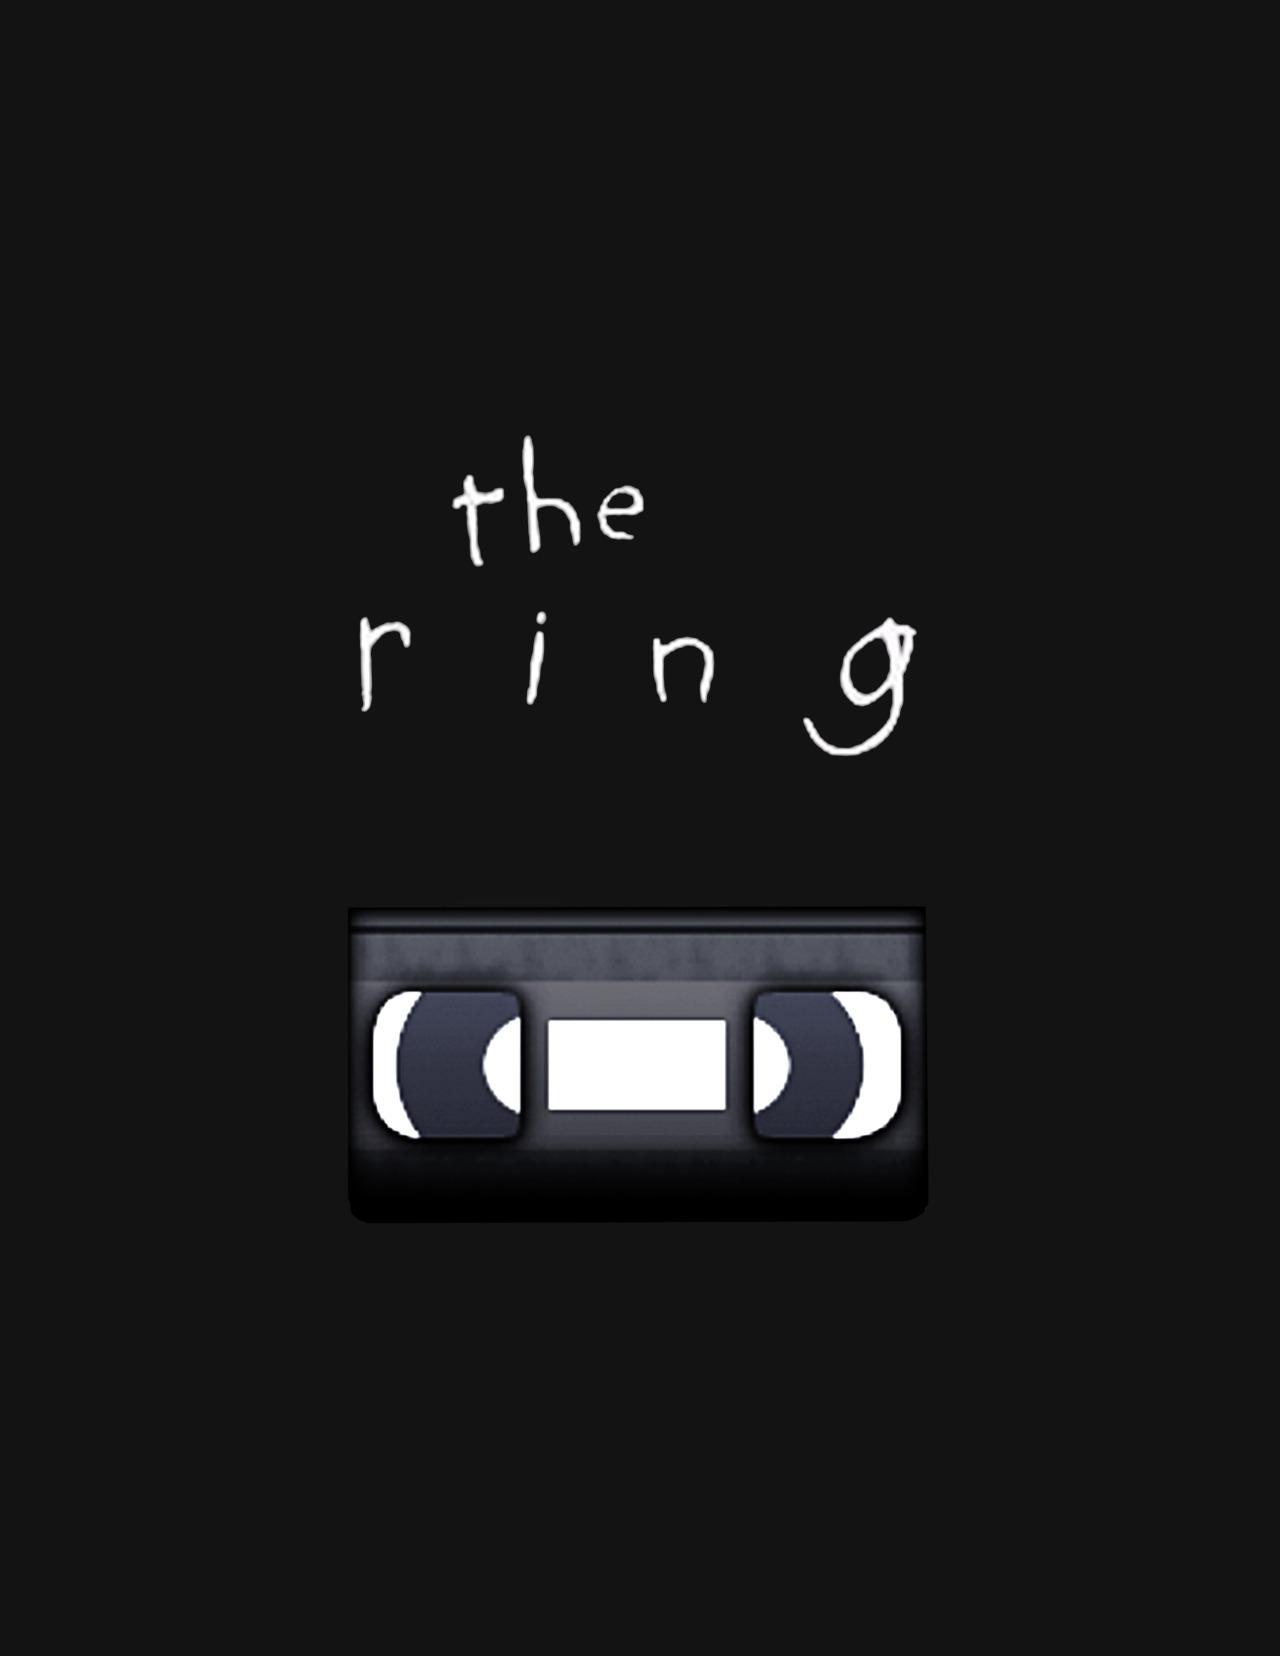 インフォグラフィック:絵文字(携帯電話)で表す映画ポスター。心に残る名作9/10